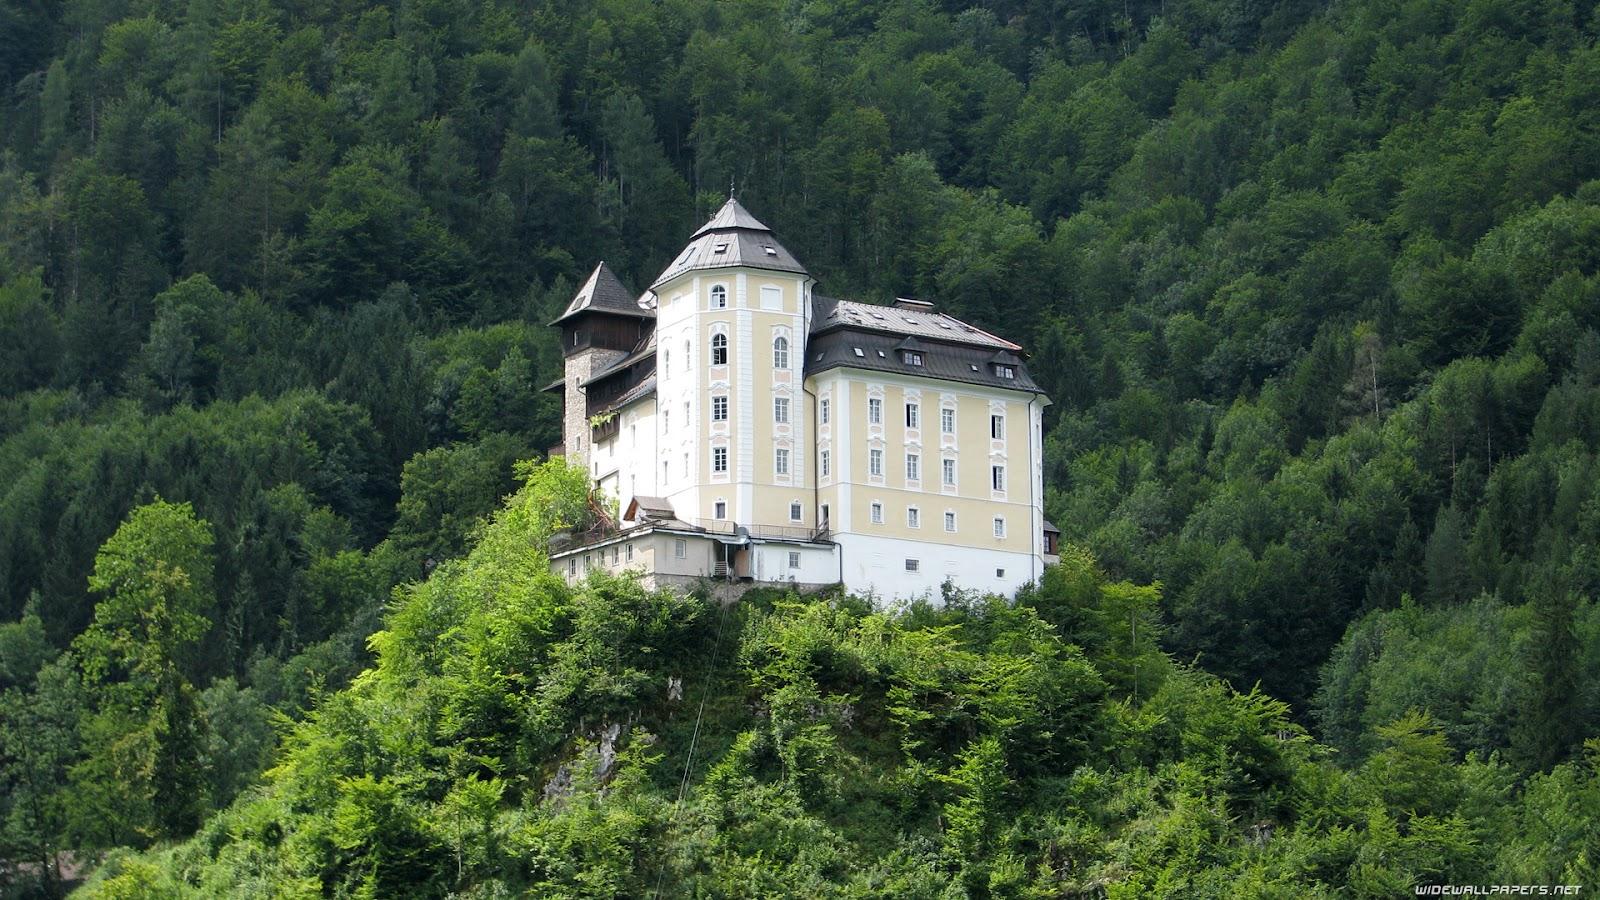 http://2.bp.blogspot.com/-8YD0-FZPqlg/T2Gw0tLXvjI/AAAAAAAACU0/-bLf51gAzF8/s1600/Austria-1920x1080-012.jpg